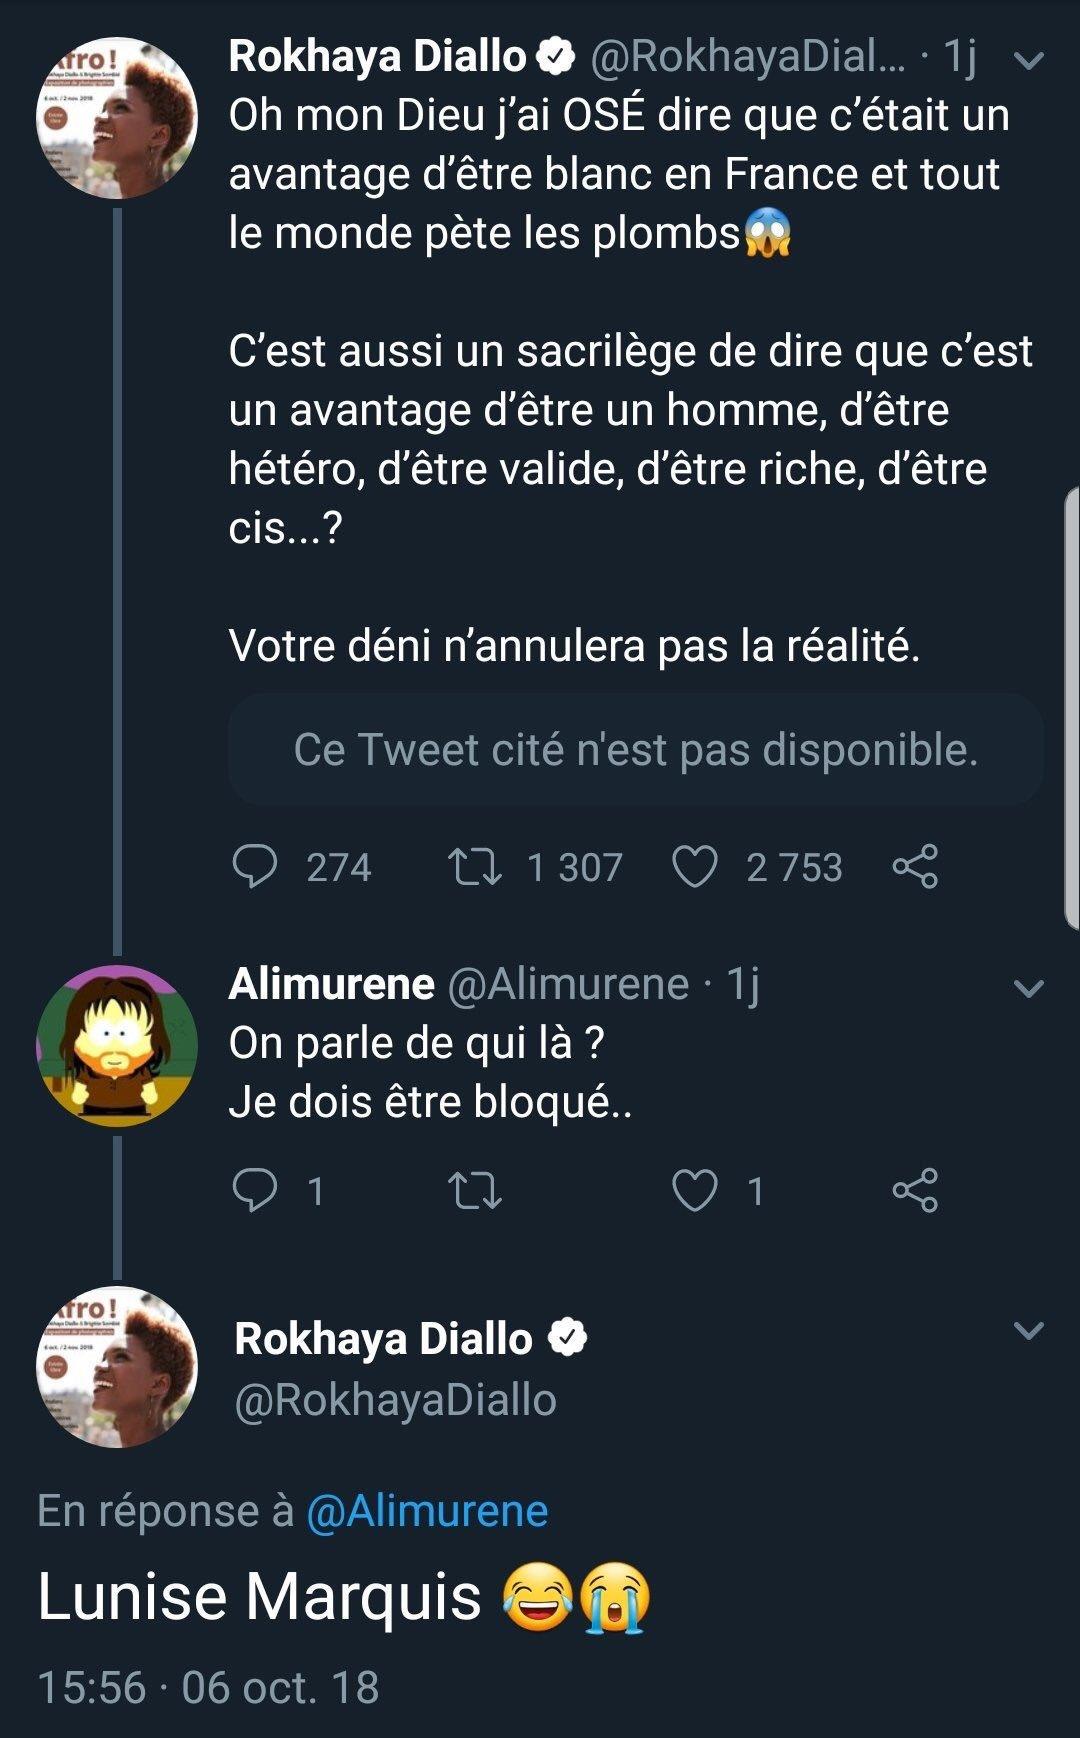 Rokhaya Diallo on Twitter: